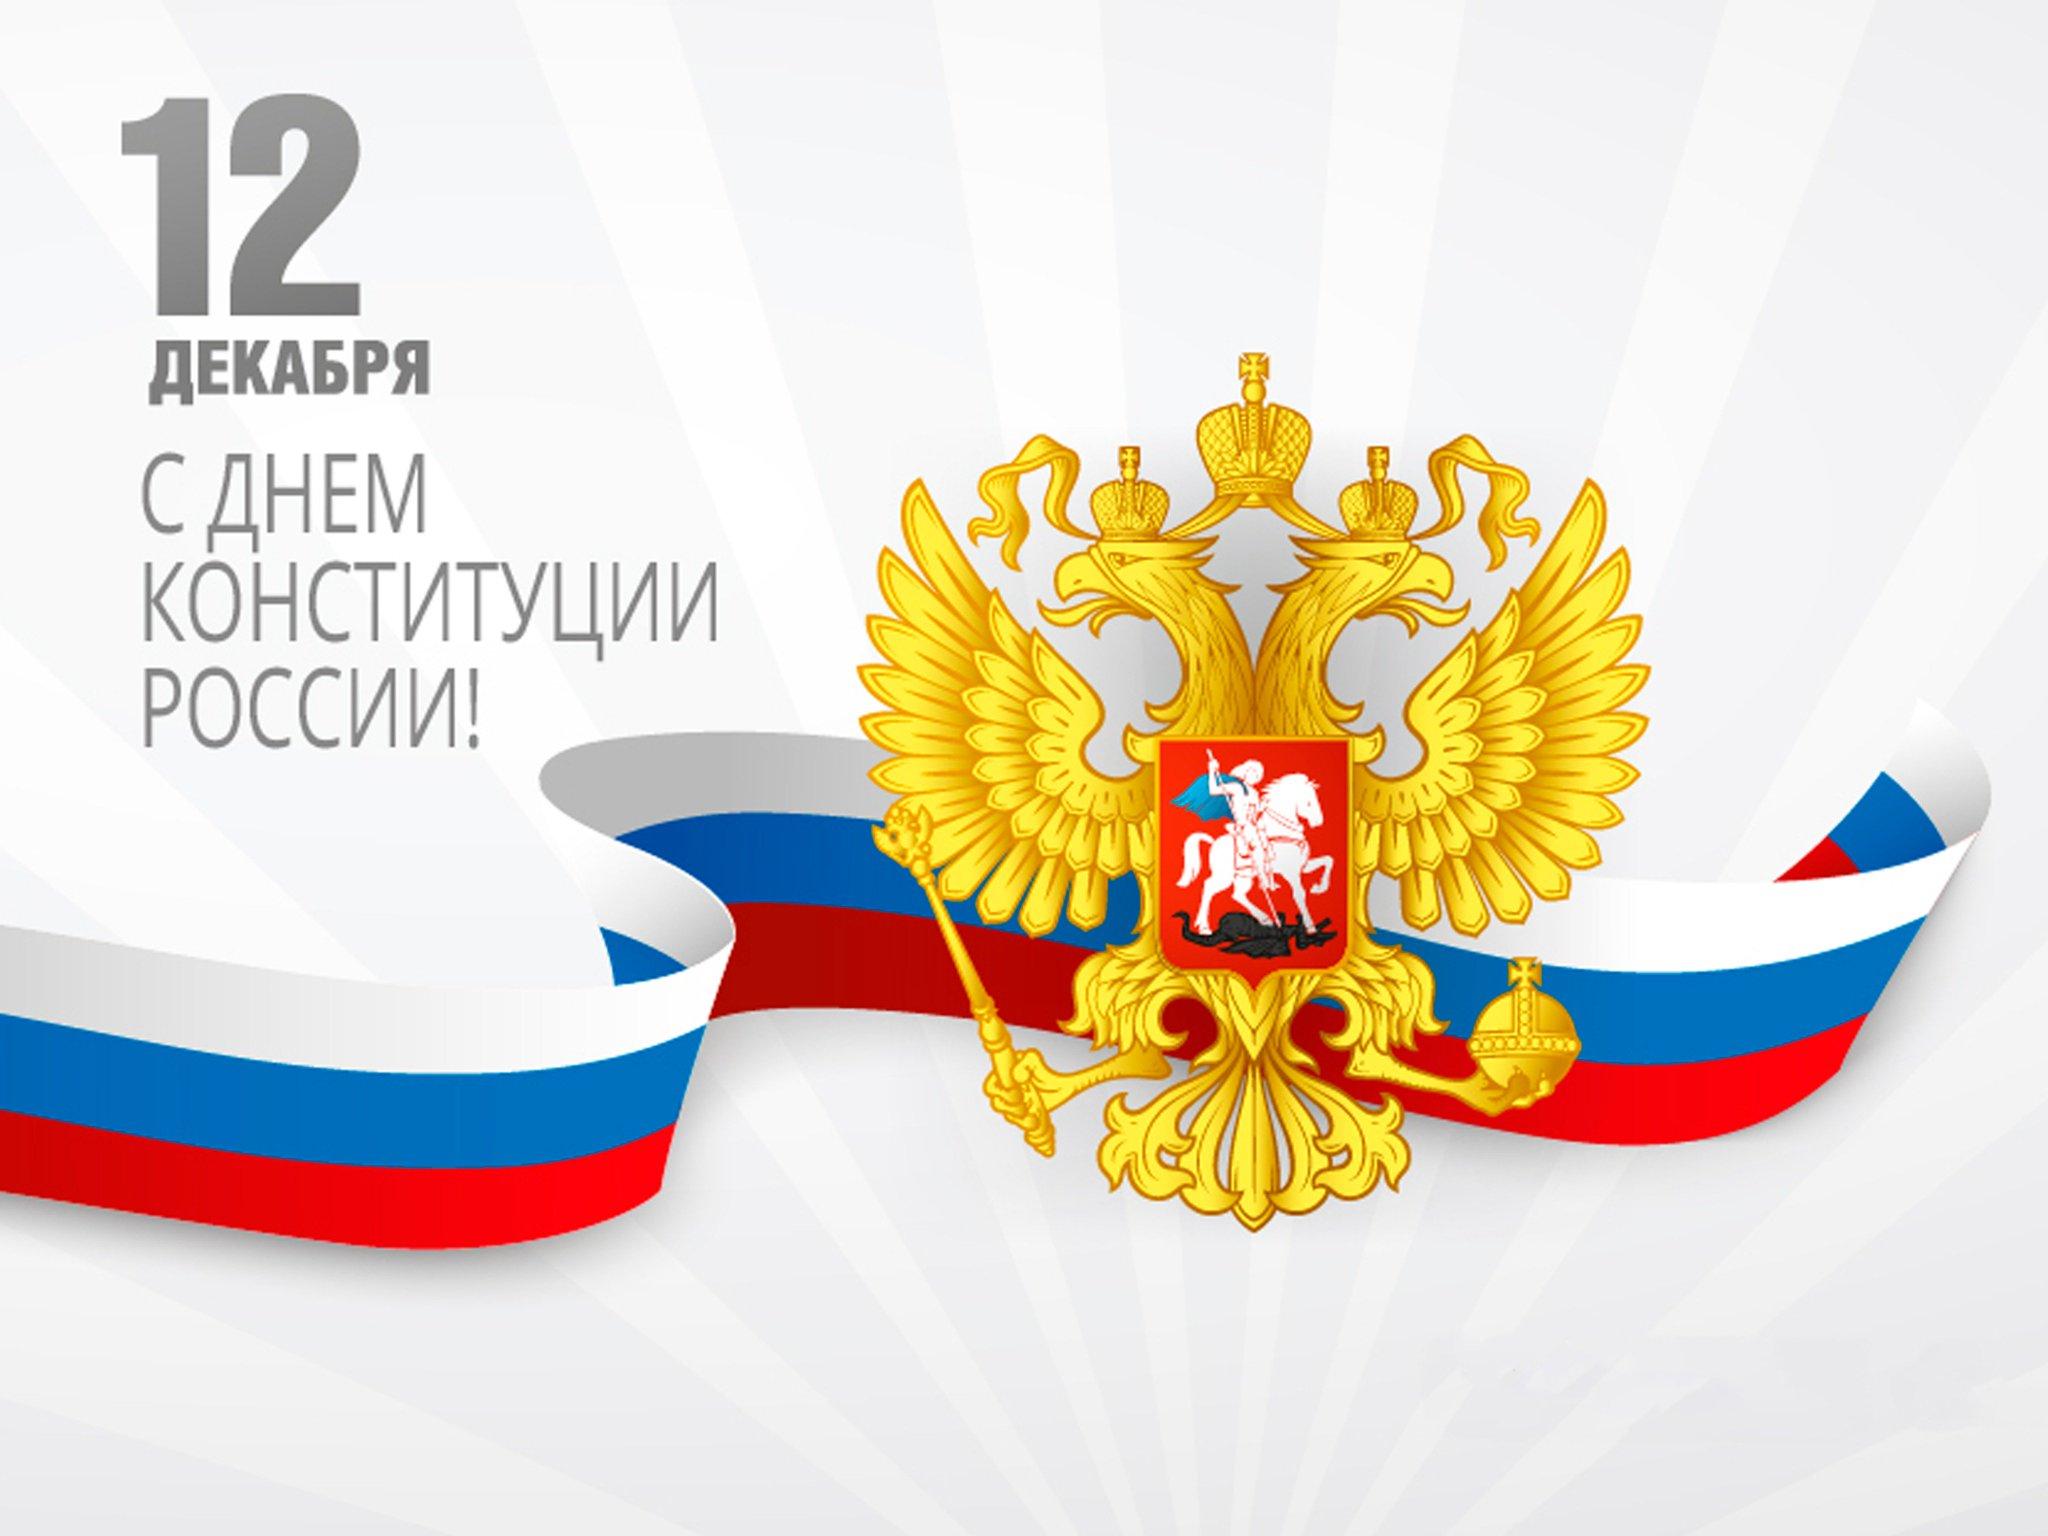 Букеты картинки, открытка с днем конституции россии 25 лет